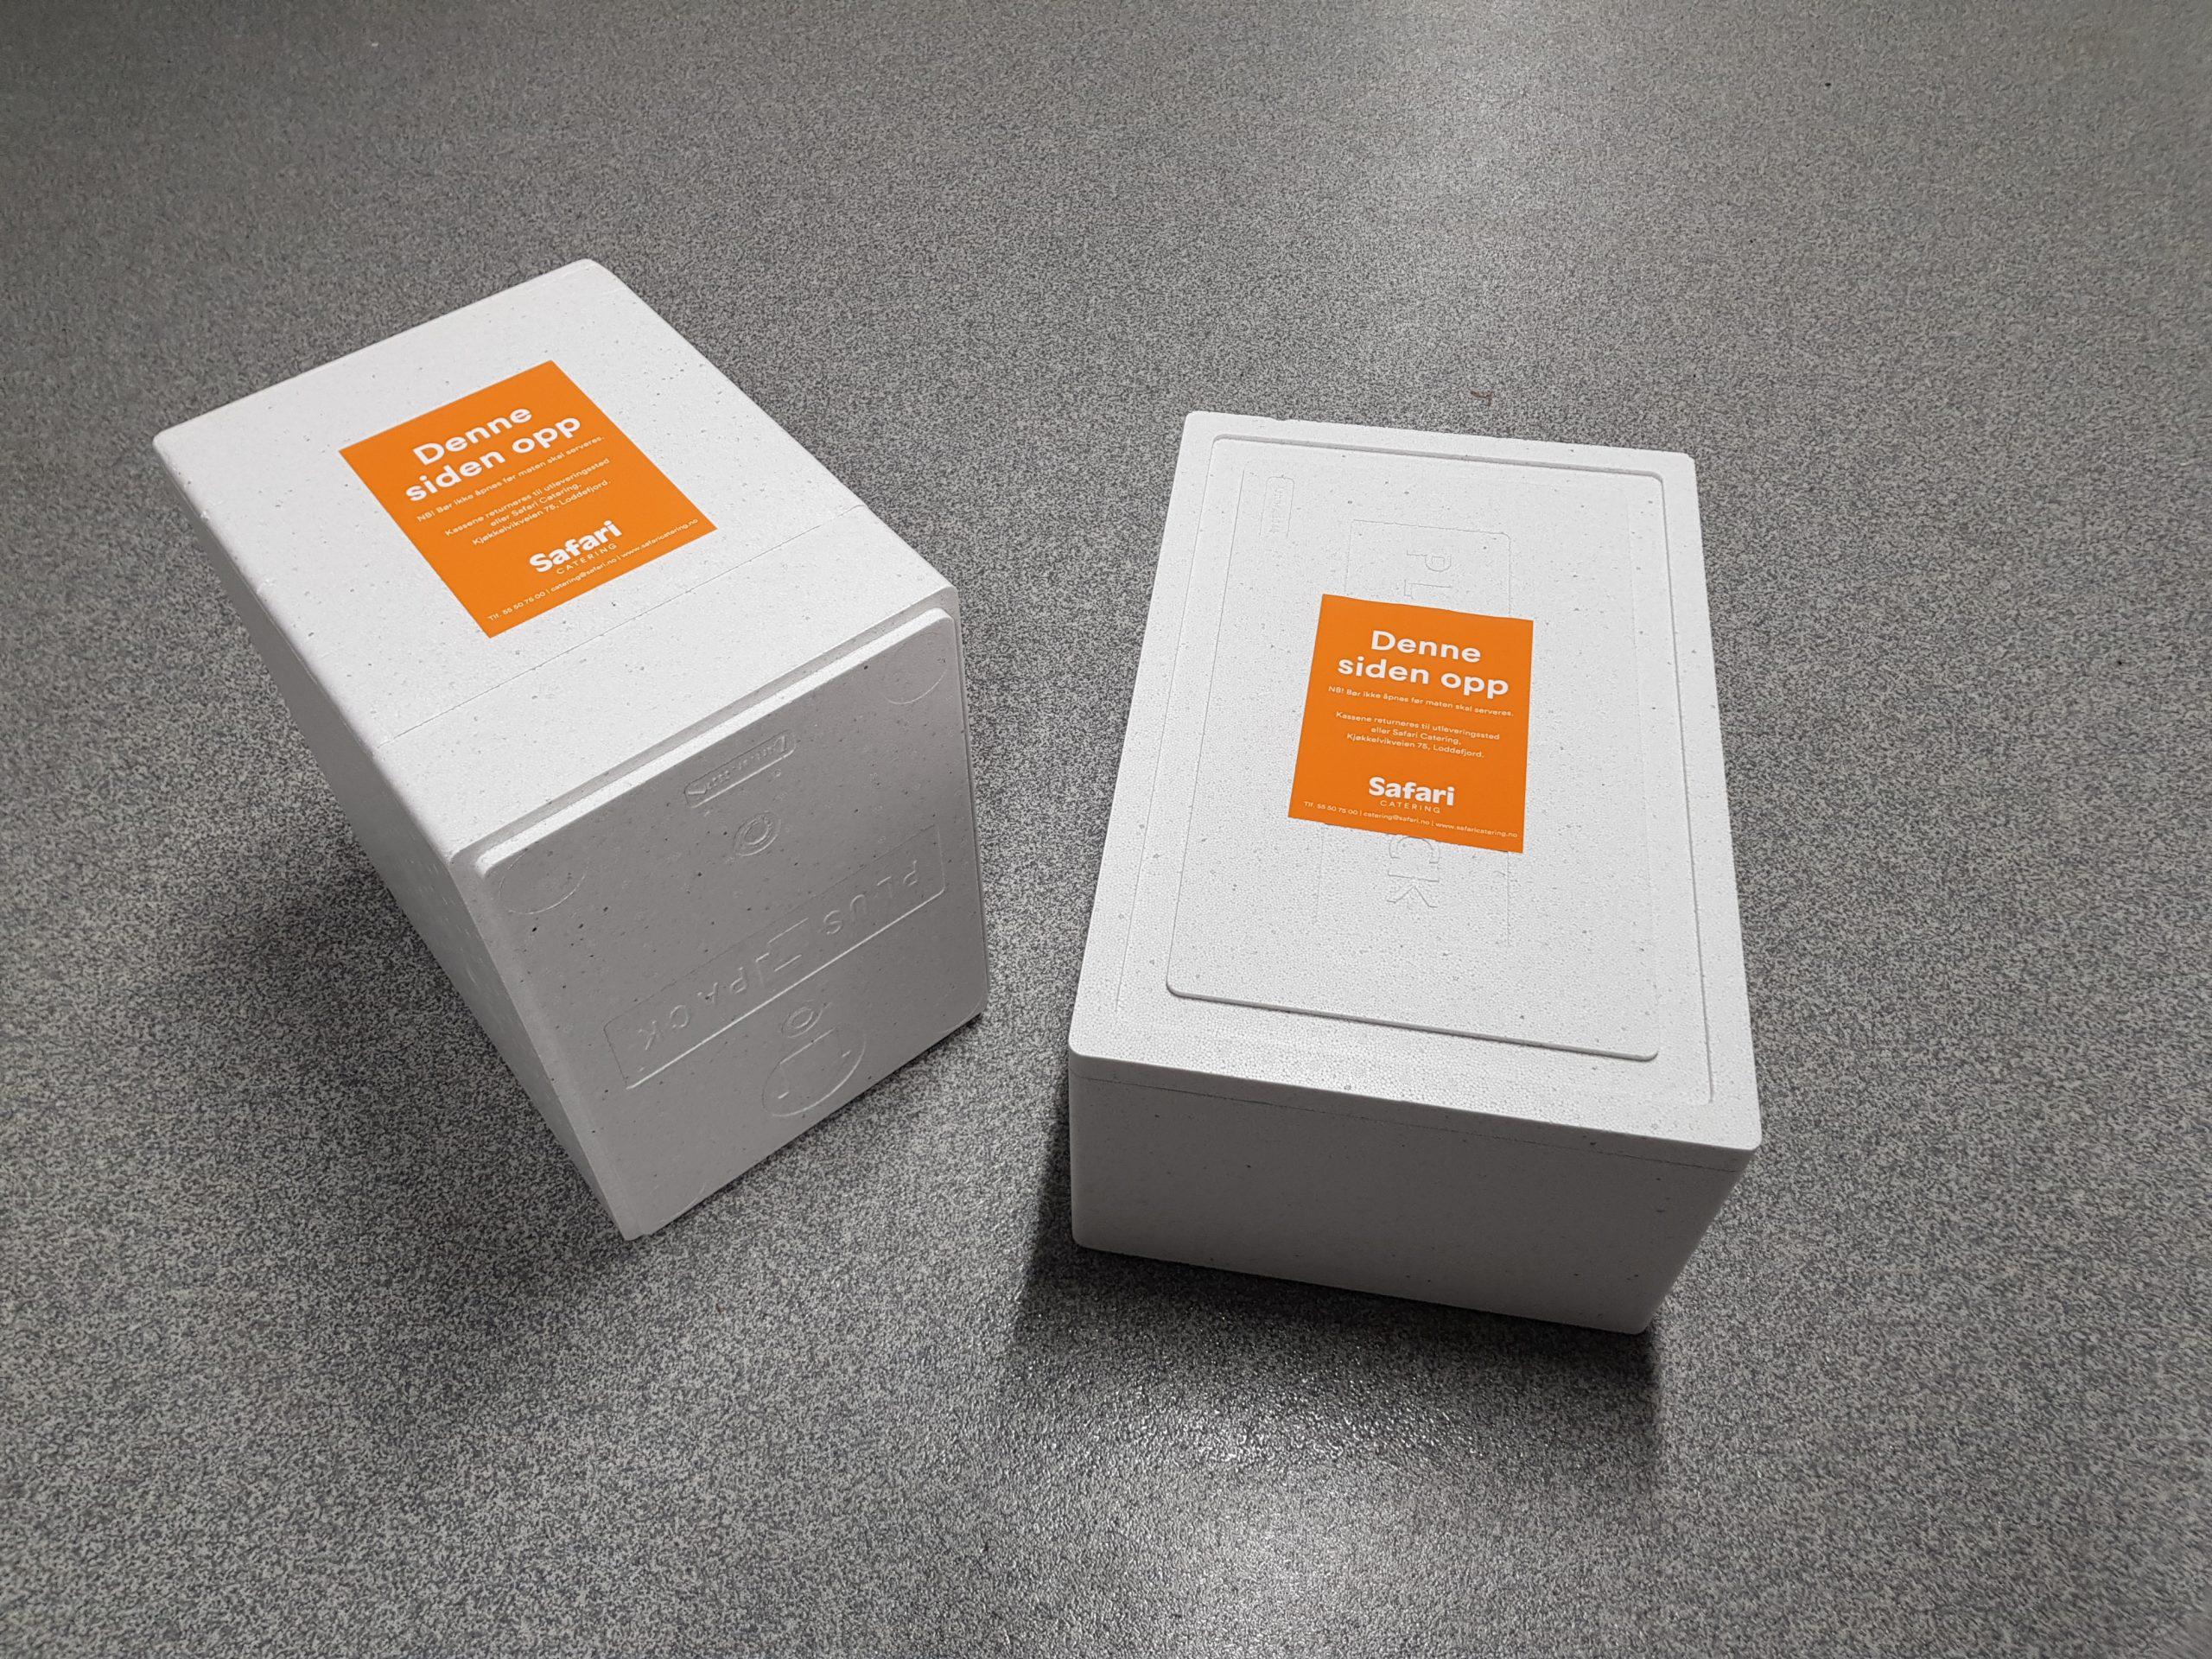 emballasje - isoporkasser